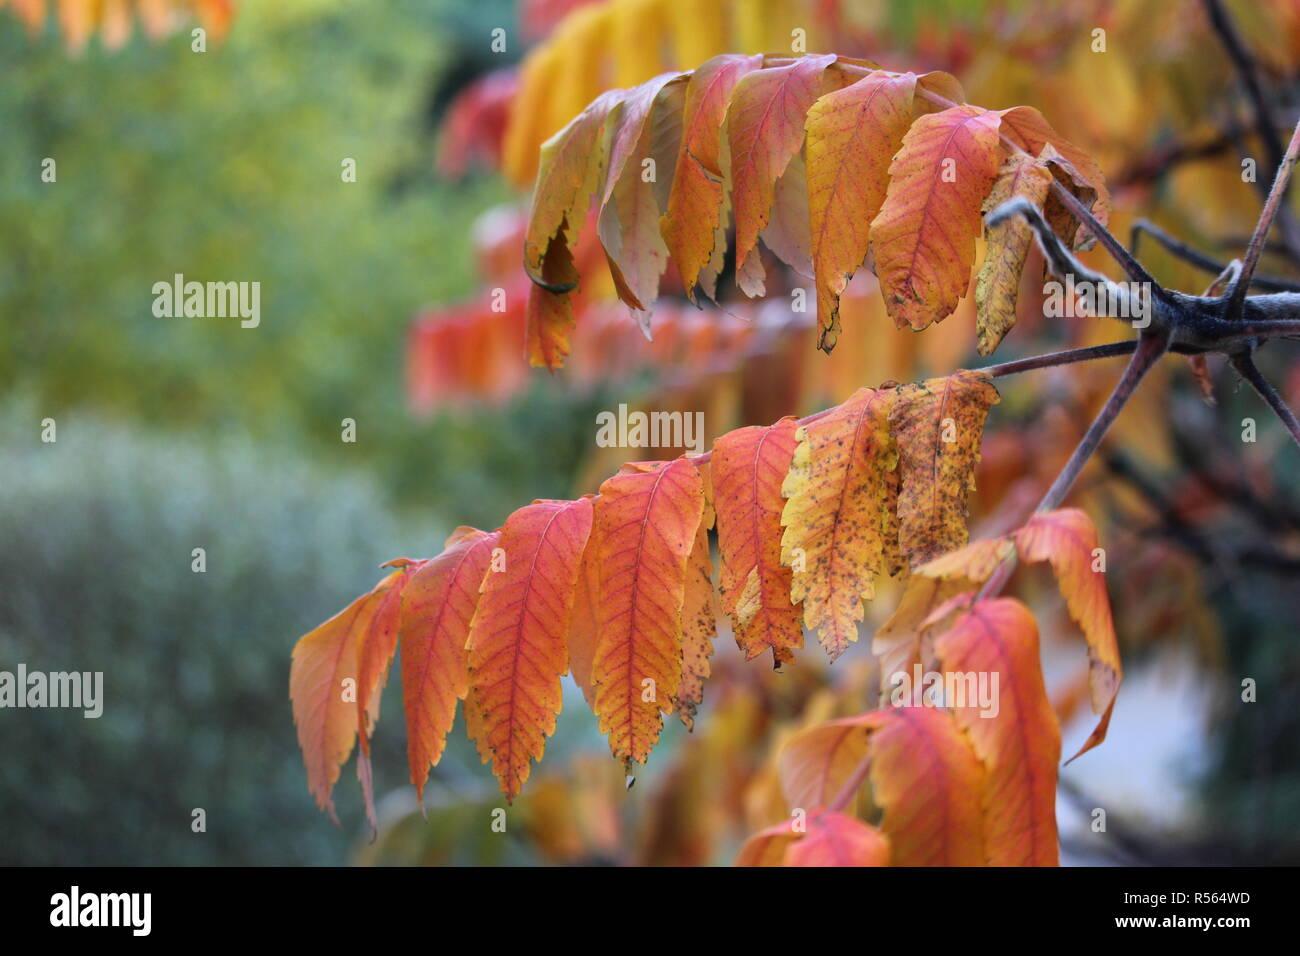 Feuille d'arbre l'automne au Québec - Stock Image